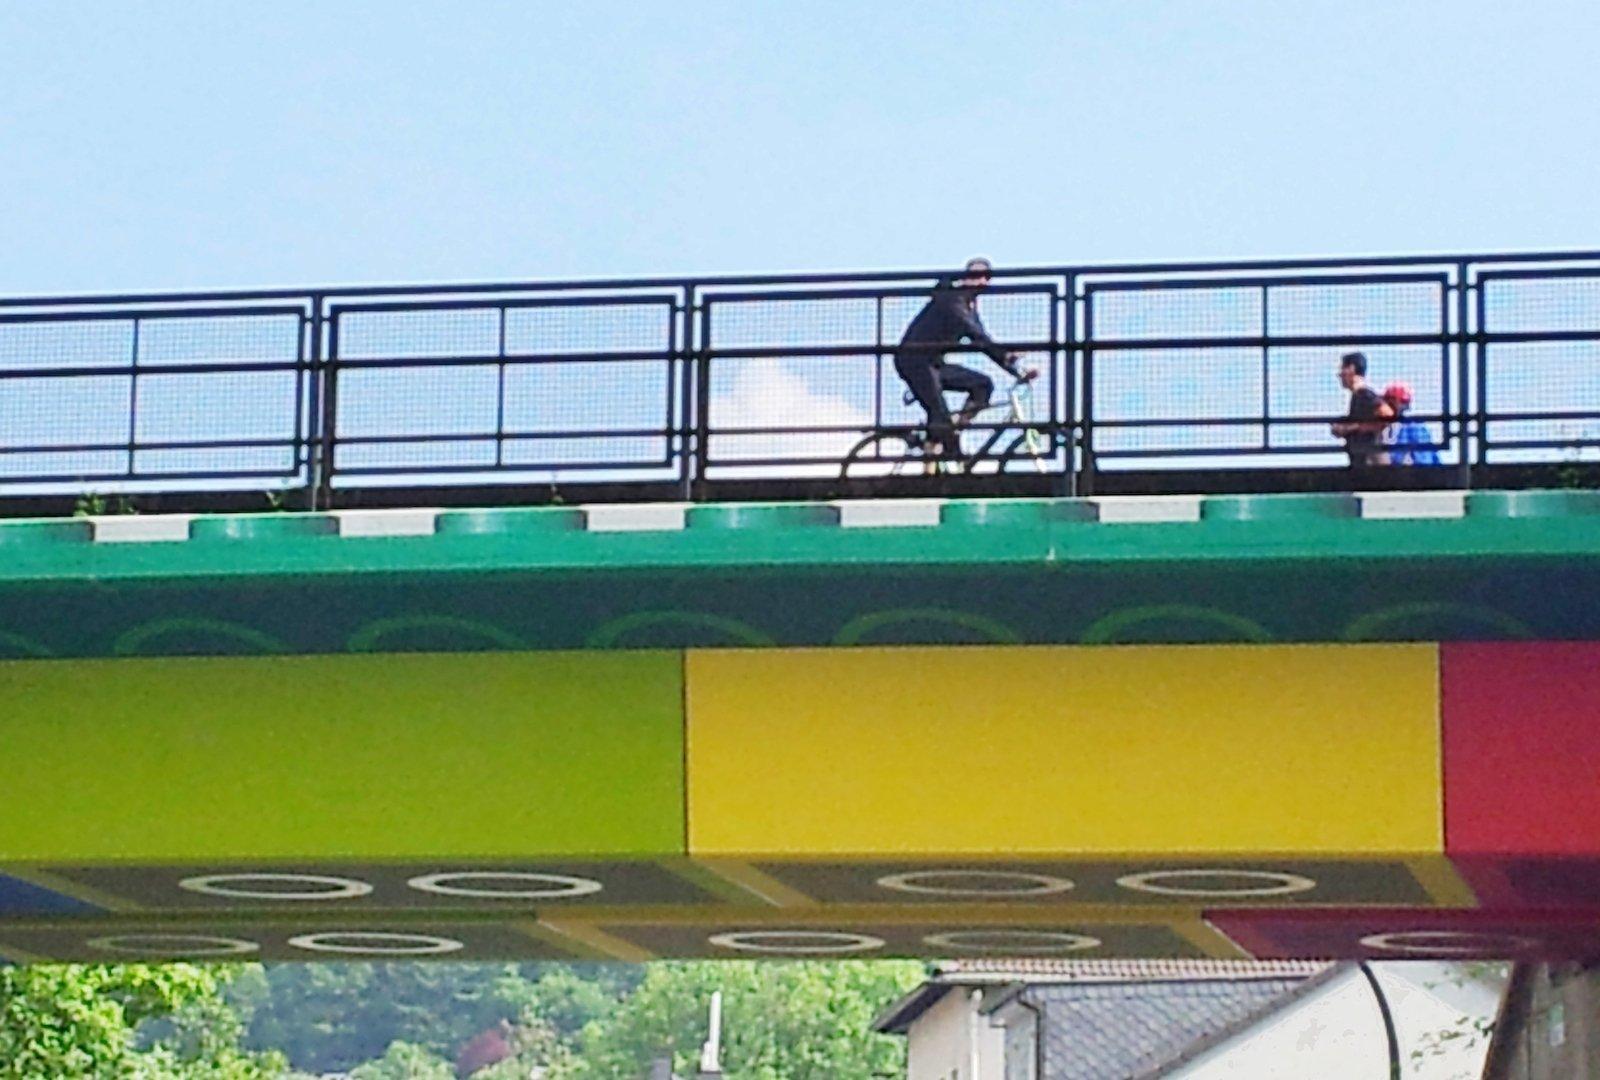 Ein Ausschnitt der Lego-Brücke, auf der ein Radfahrer und zwei Fußgänger hinter dem Geländer zu sehen sind. Der Himmel ist blau.